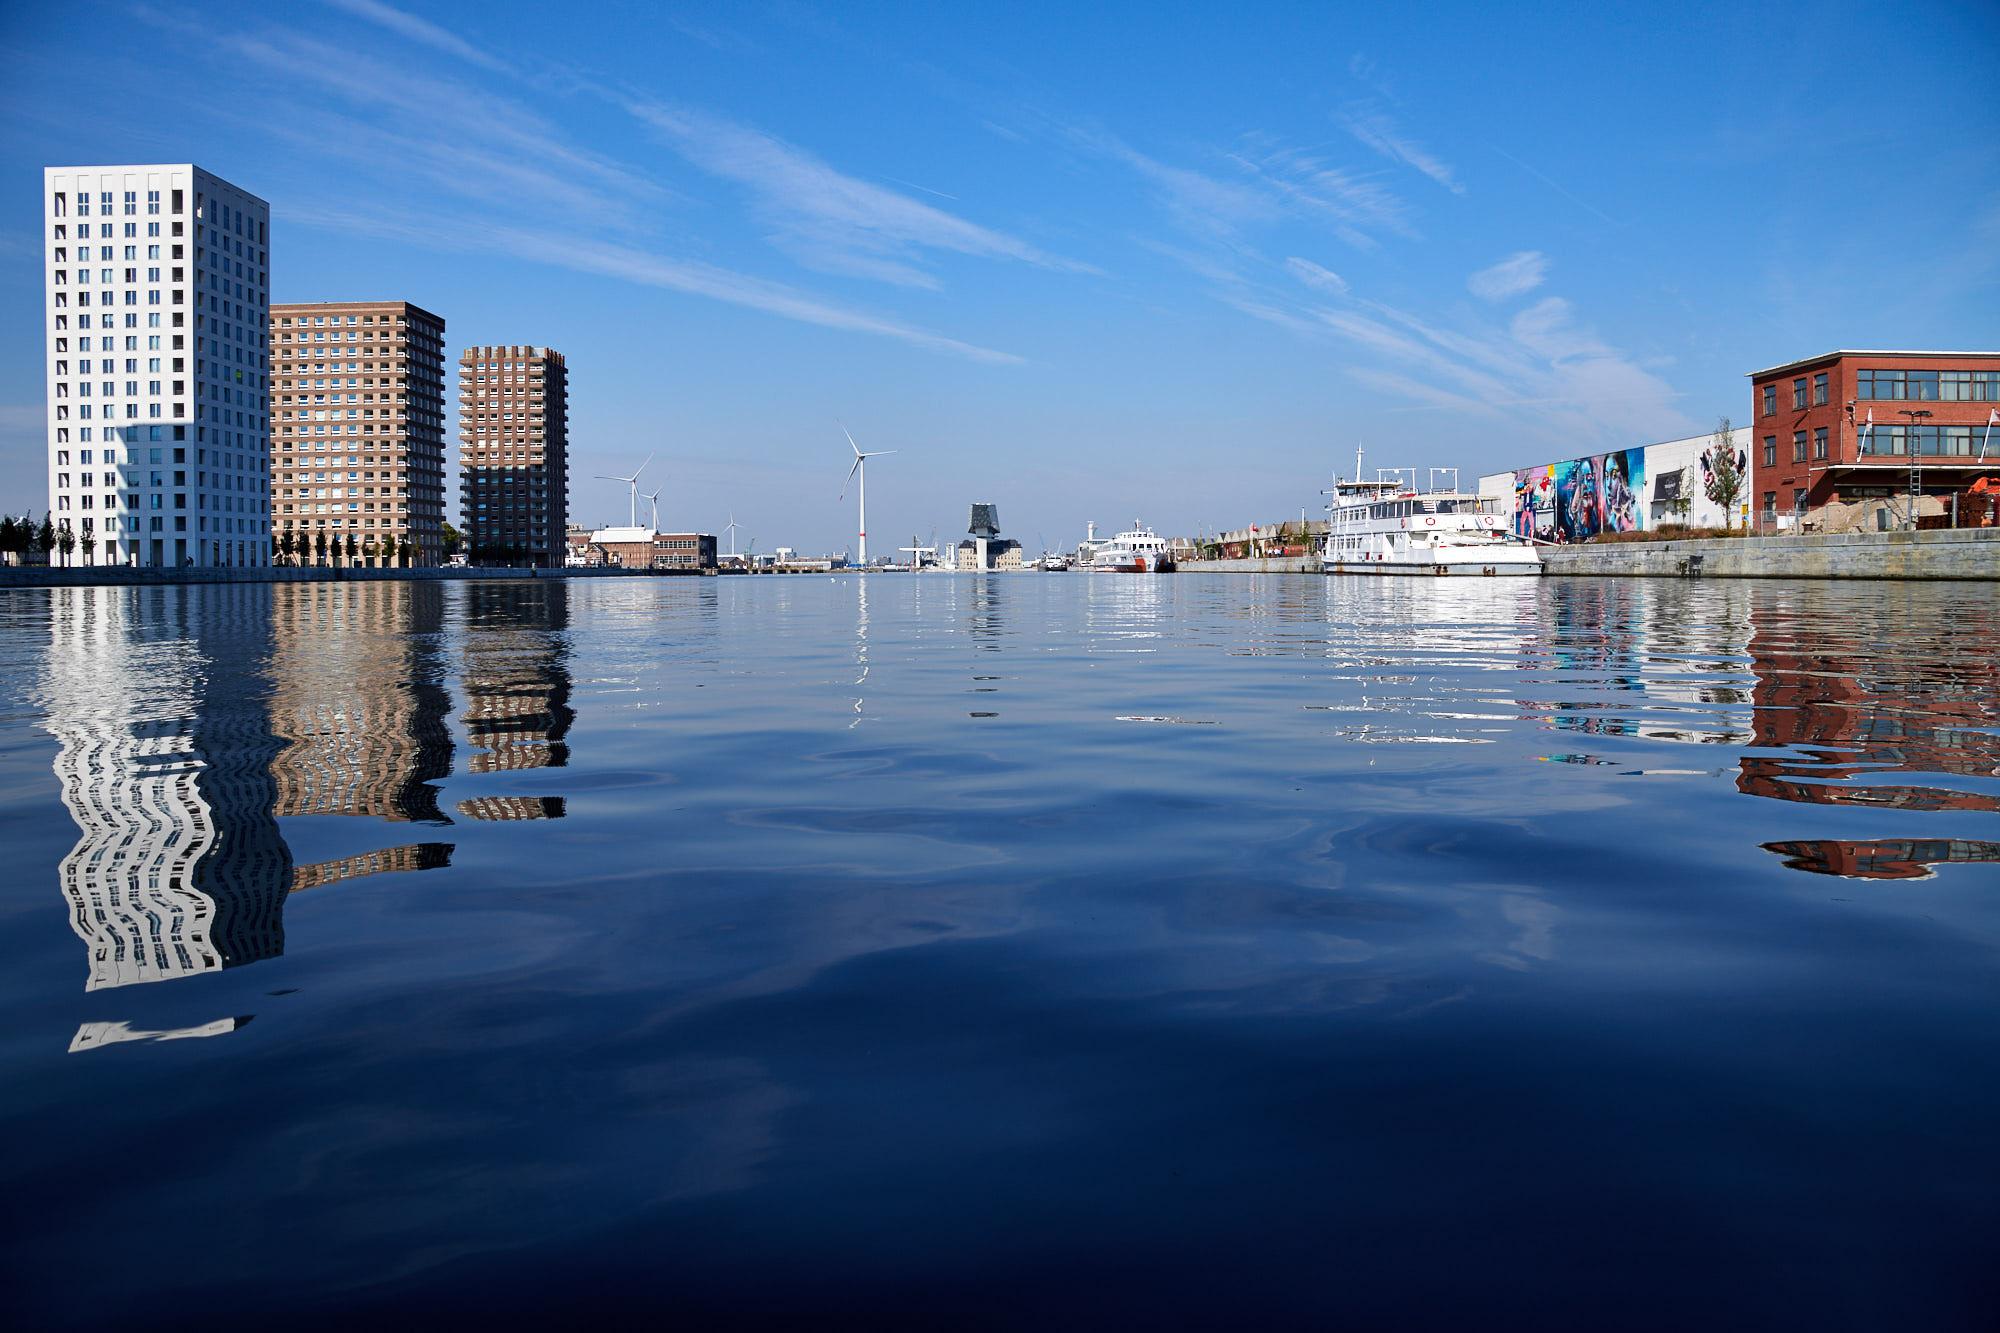 Photoauge / Antwerpen